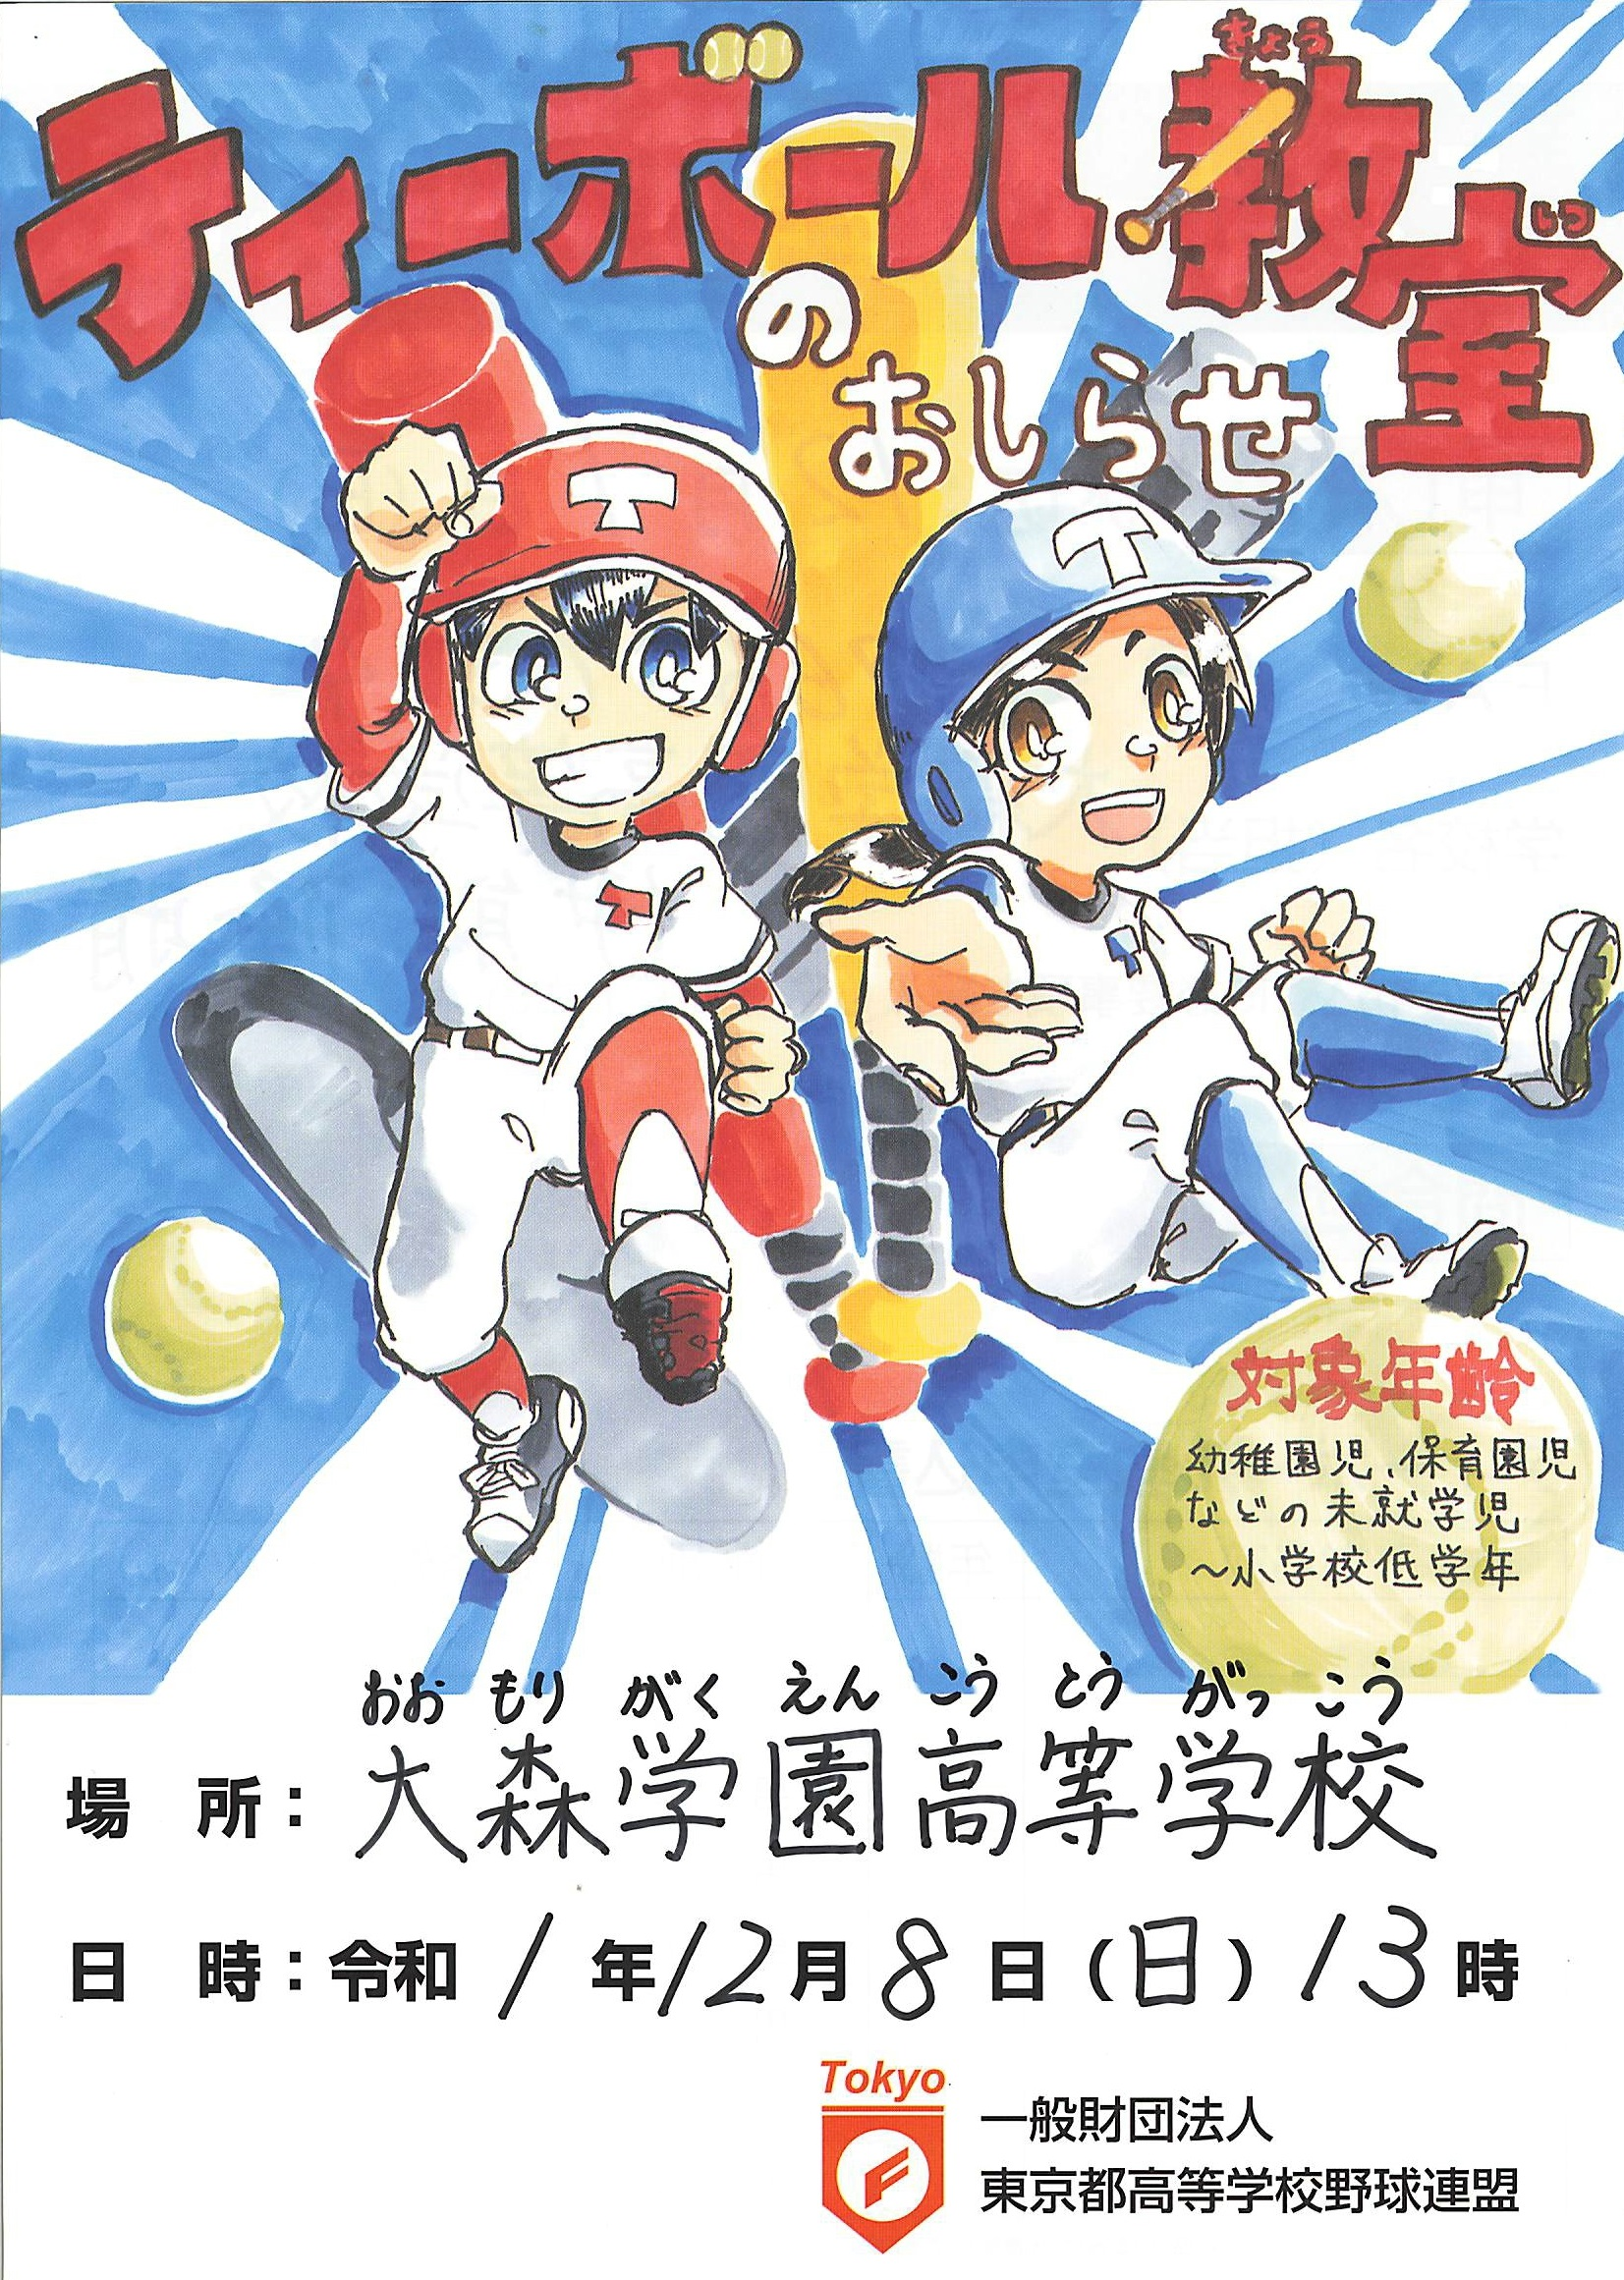 【硬式野球部】子ども向けティーボール教室開催のお知らせ